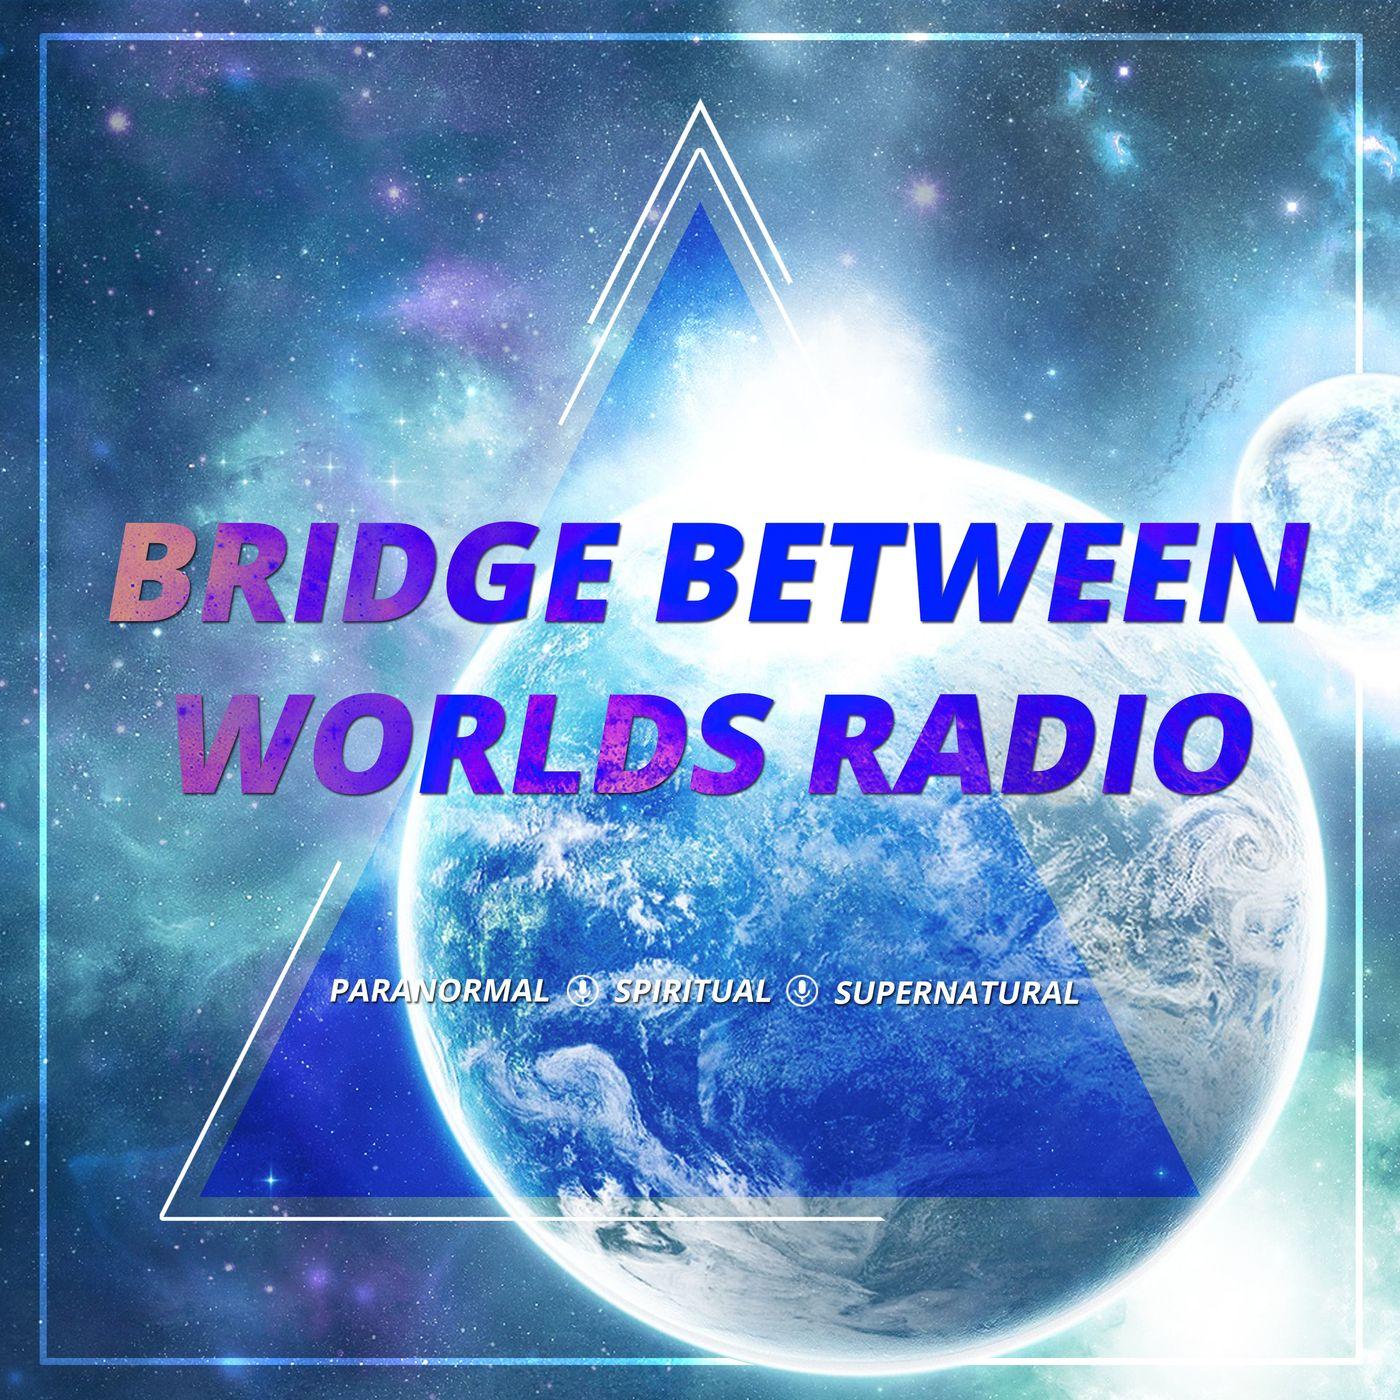 Bridge Between Worlds